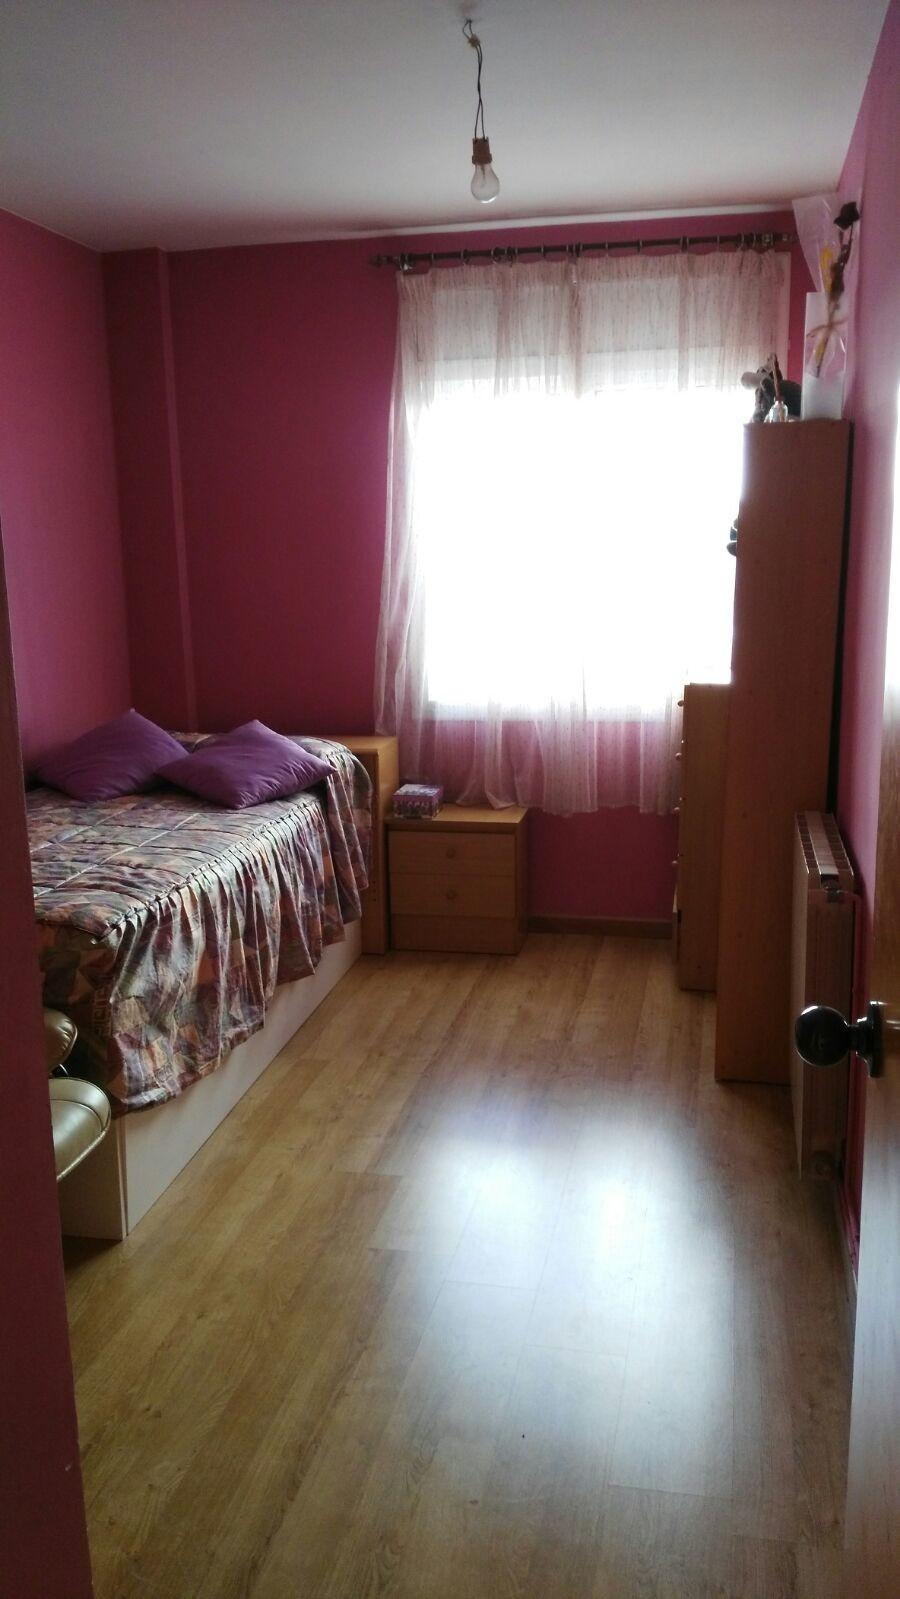 Amplia habitación en zona inmejorable para chicas